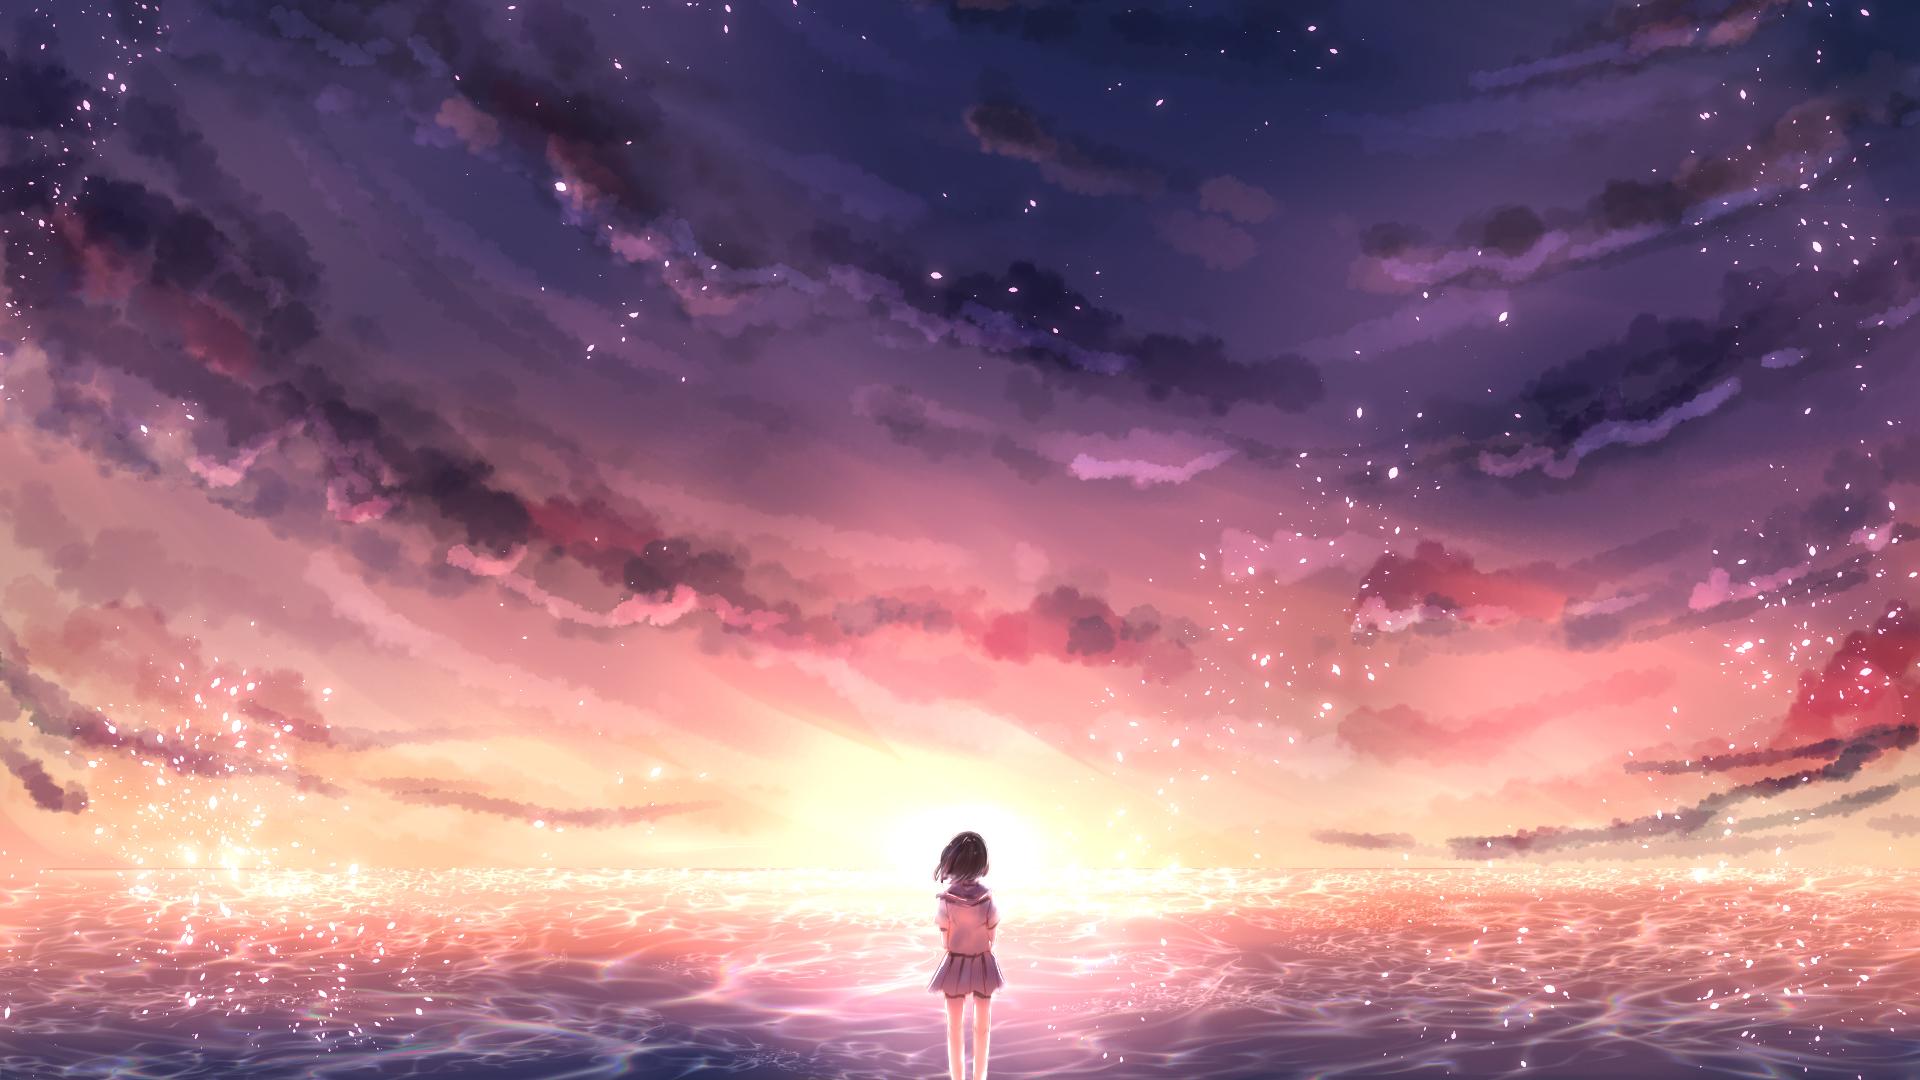 天空风景 海 女孩子 水手服 晚霞 唯美动漫壁纸-动漫壁纸